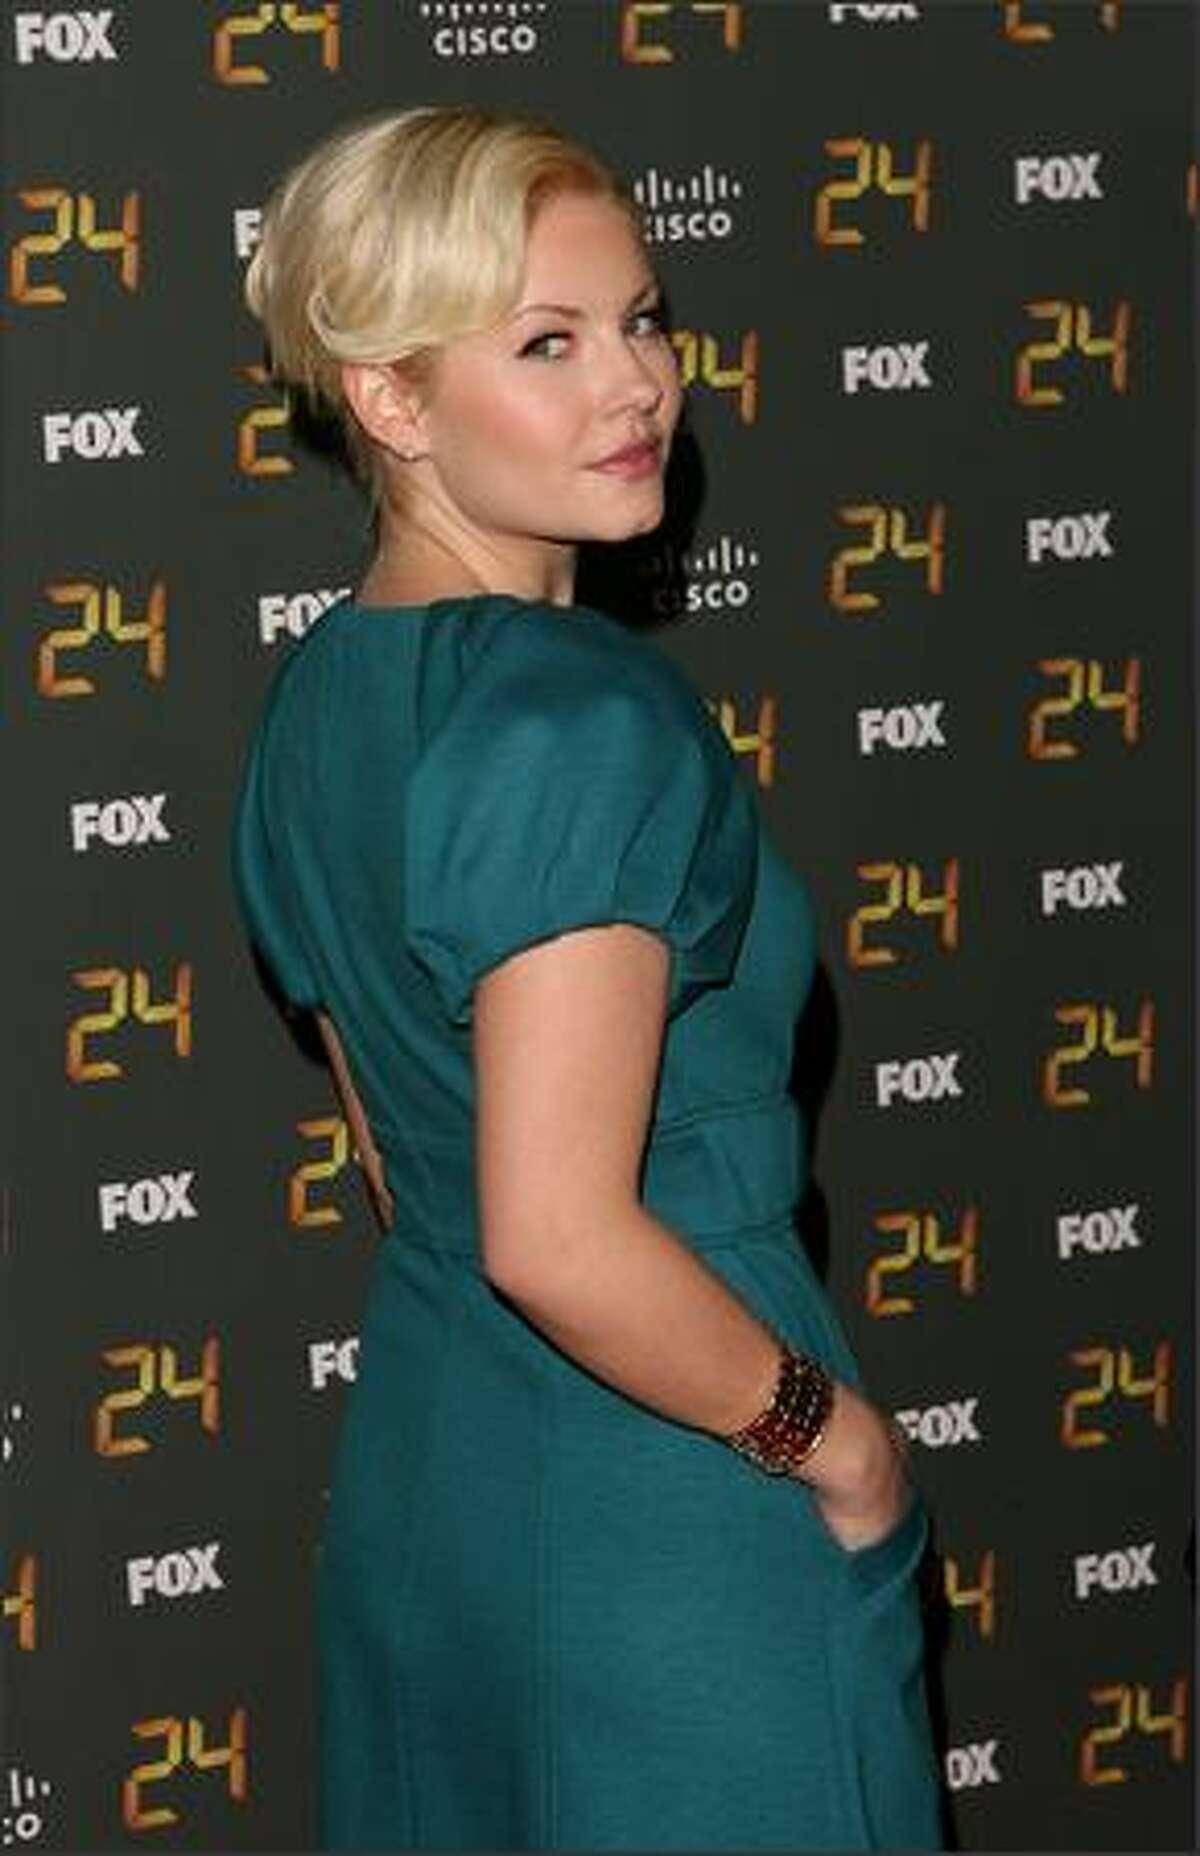 Actress Elisha Cuthbert arrives at the